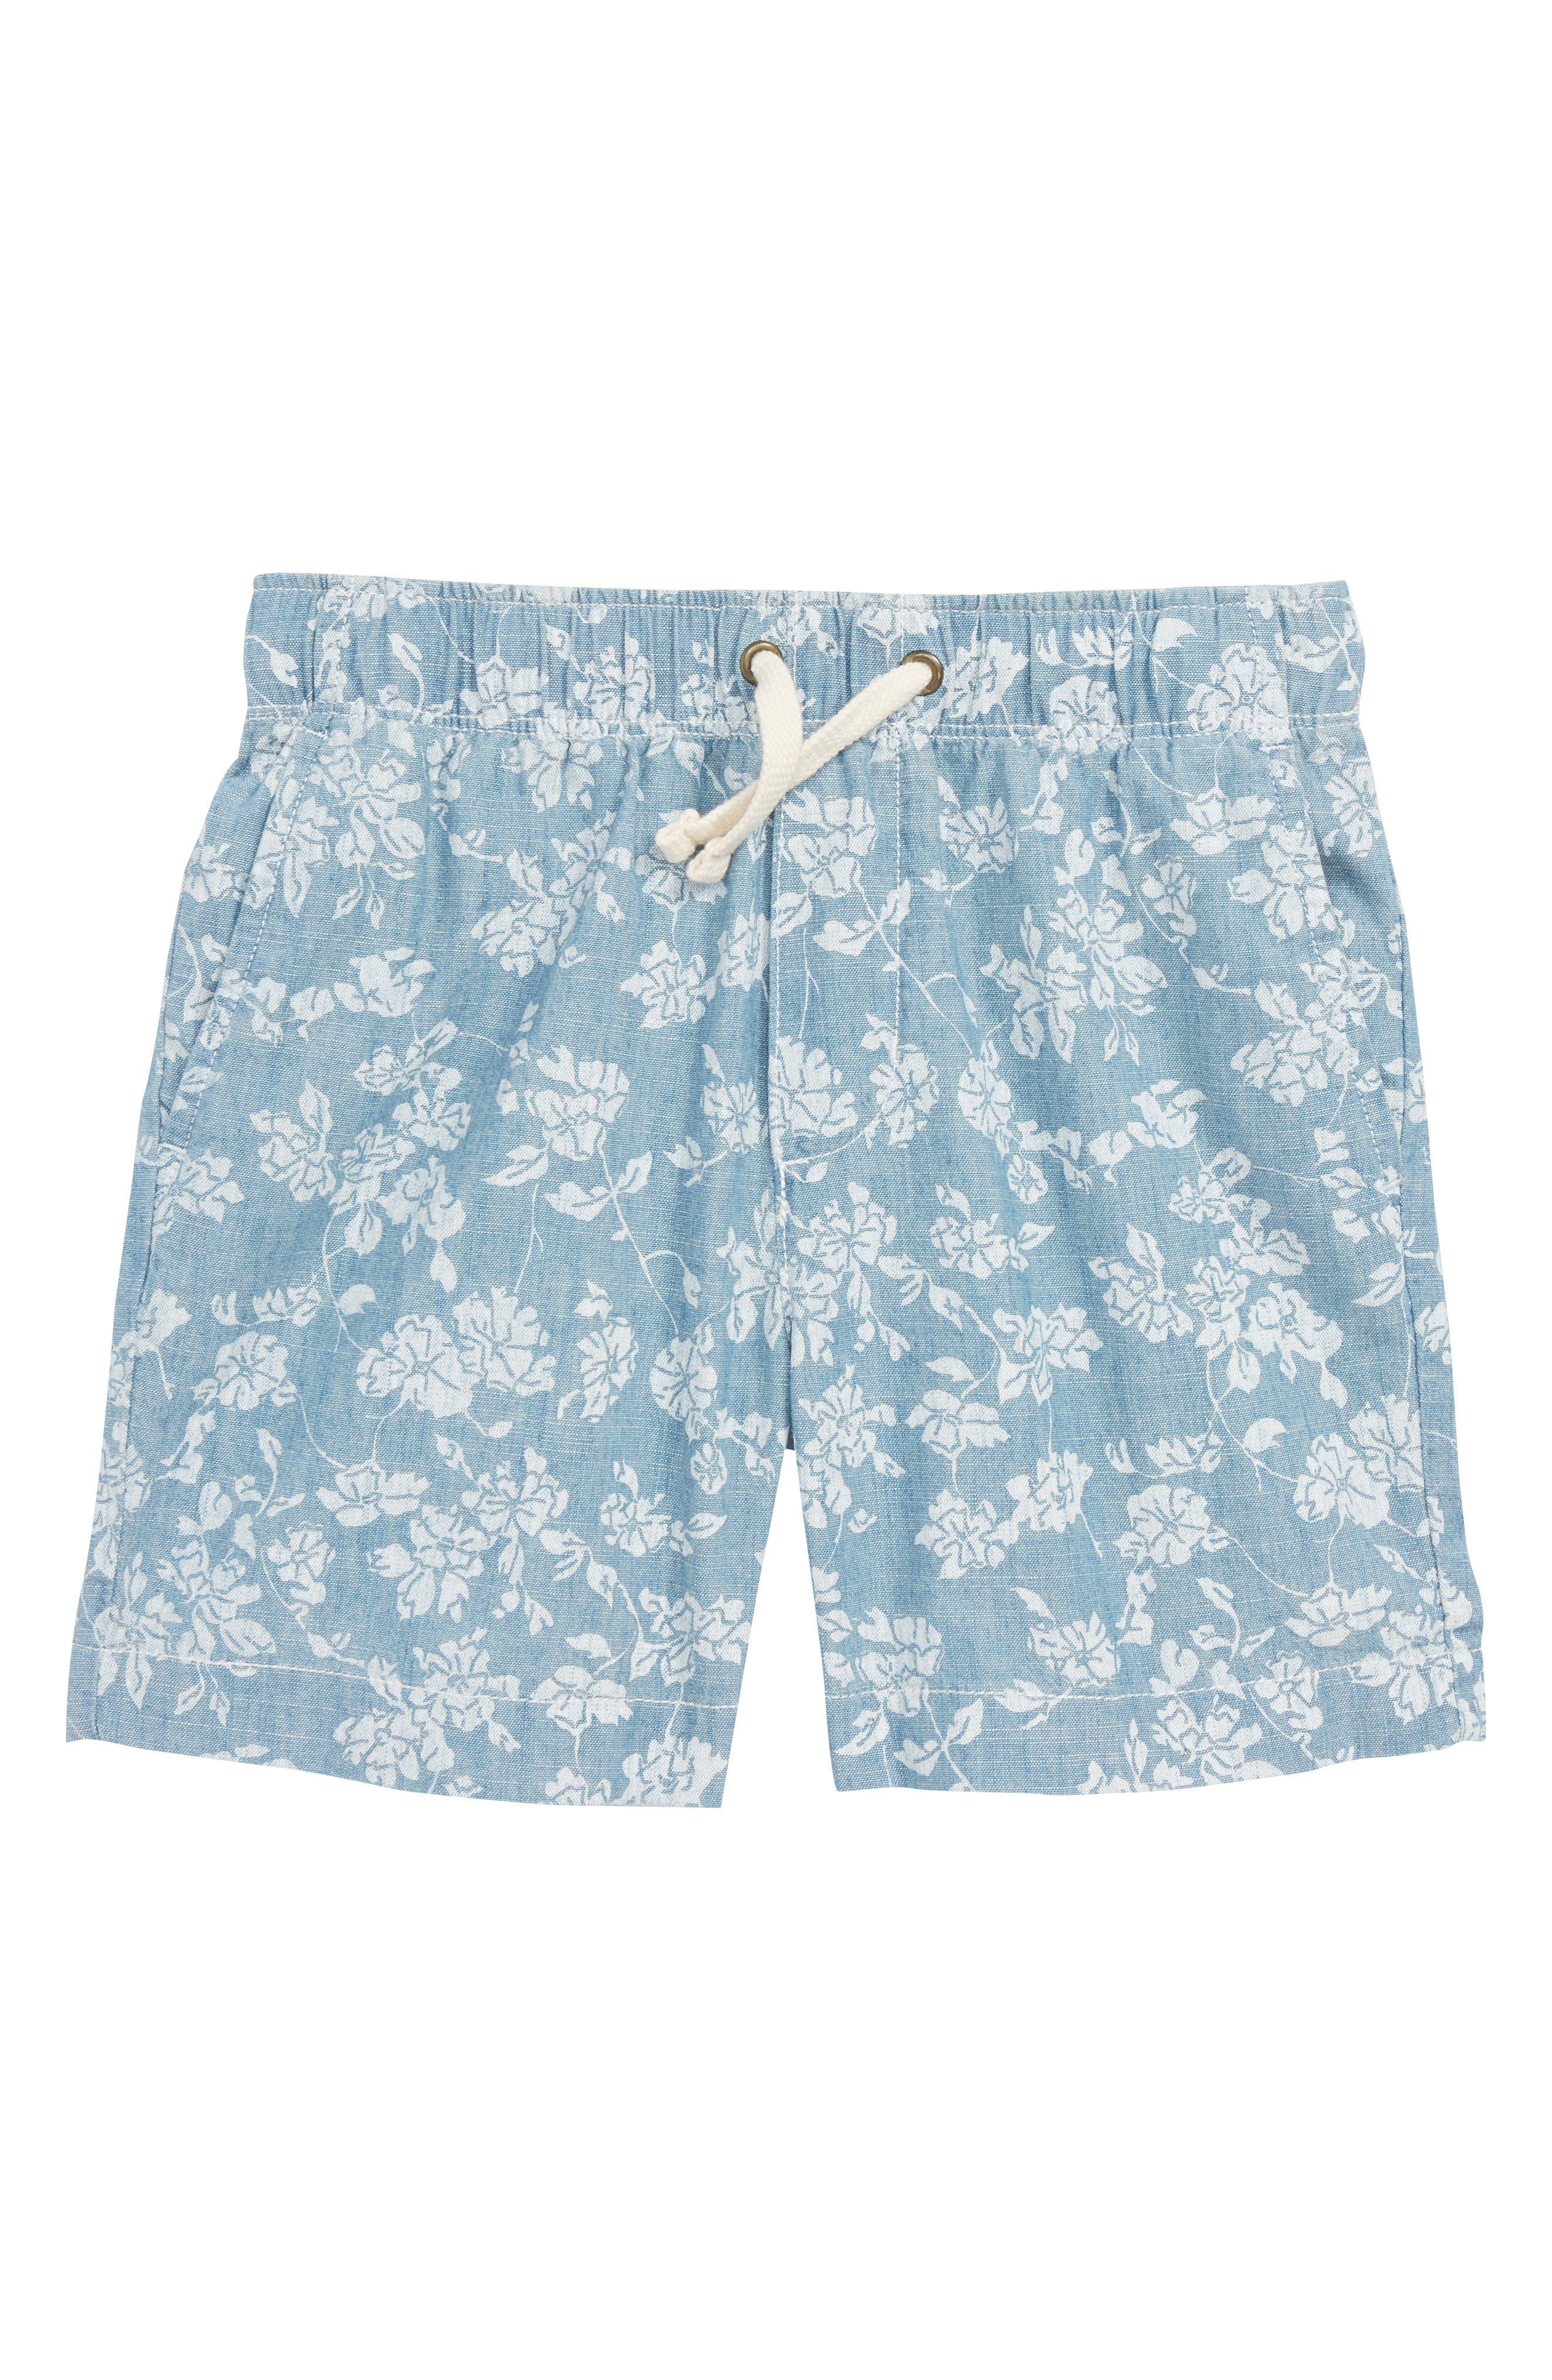 Floral Chambray Dock Shorts,                             Main thumbnail 1, color,                             Indigo